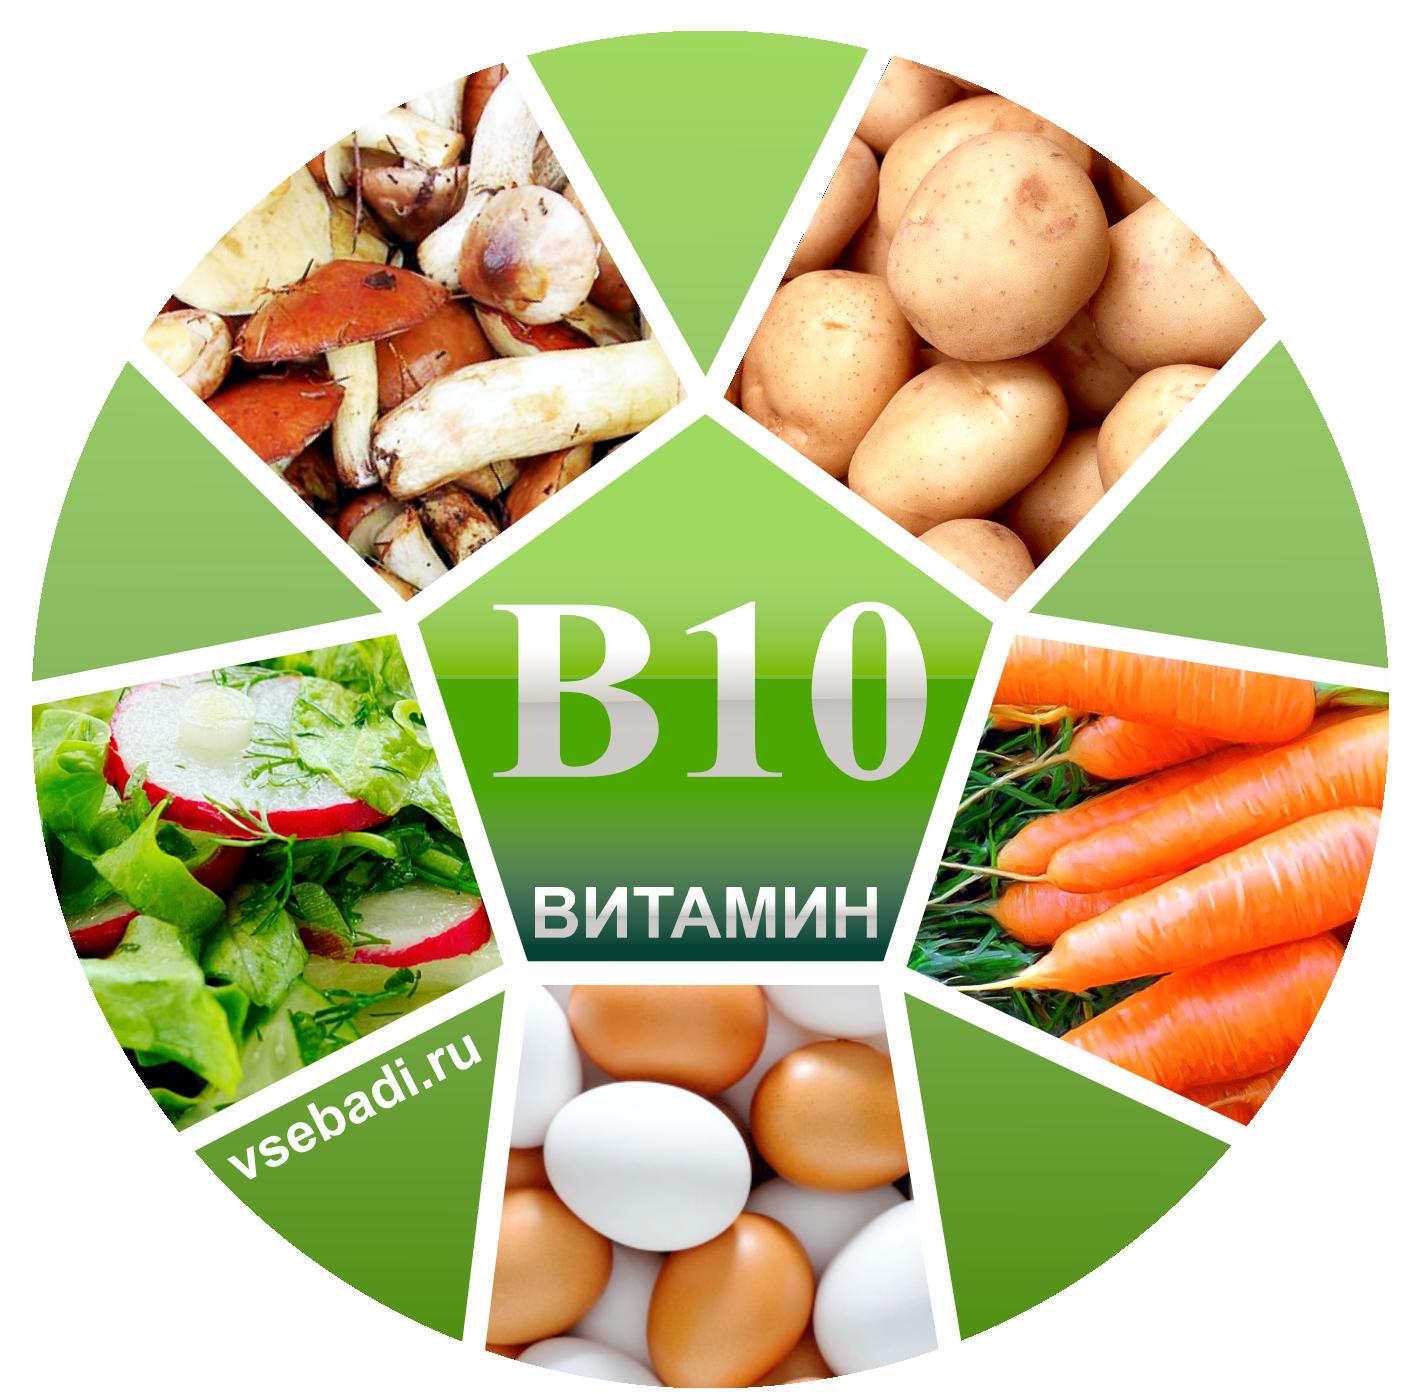 Витамин b10